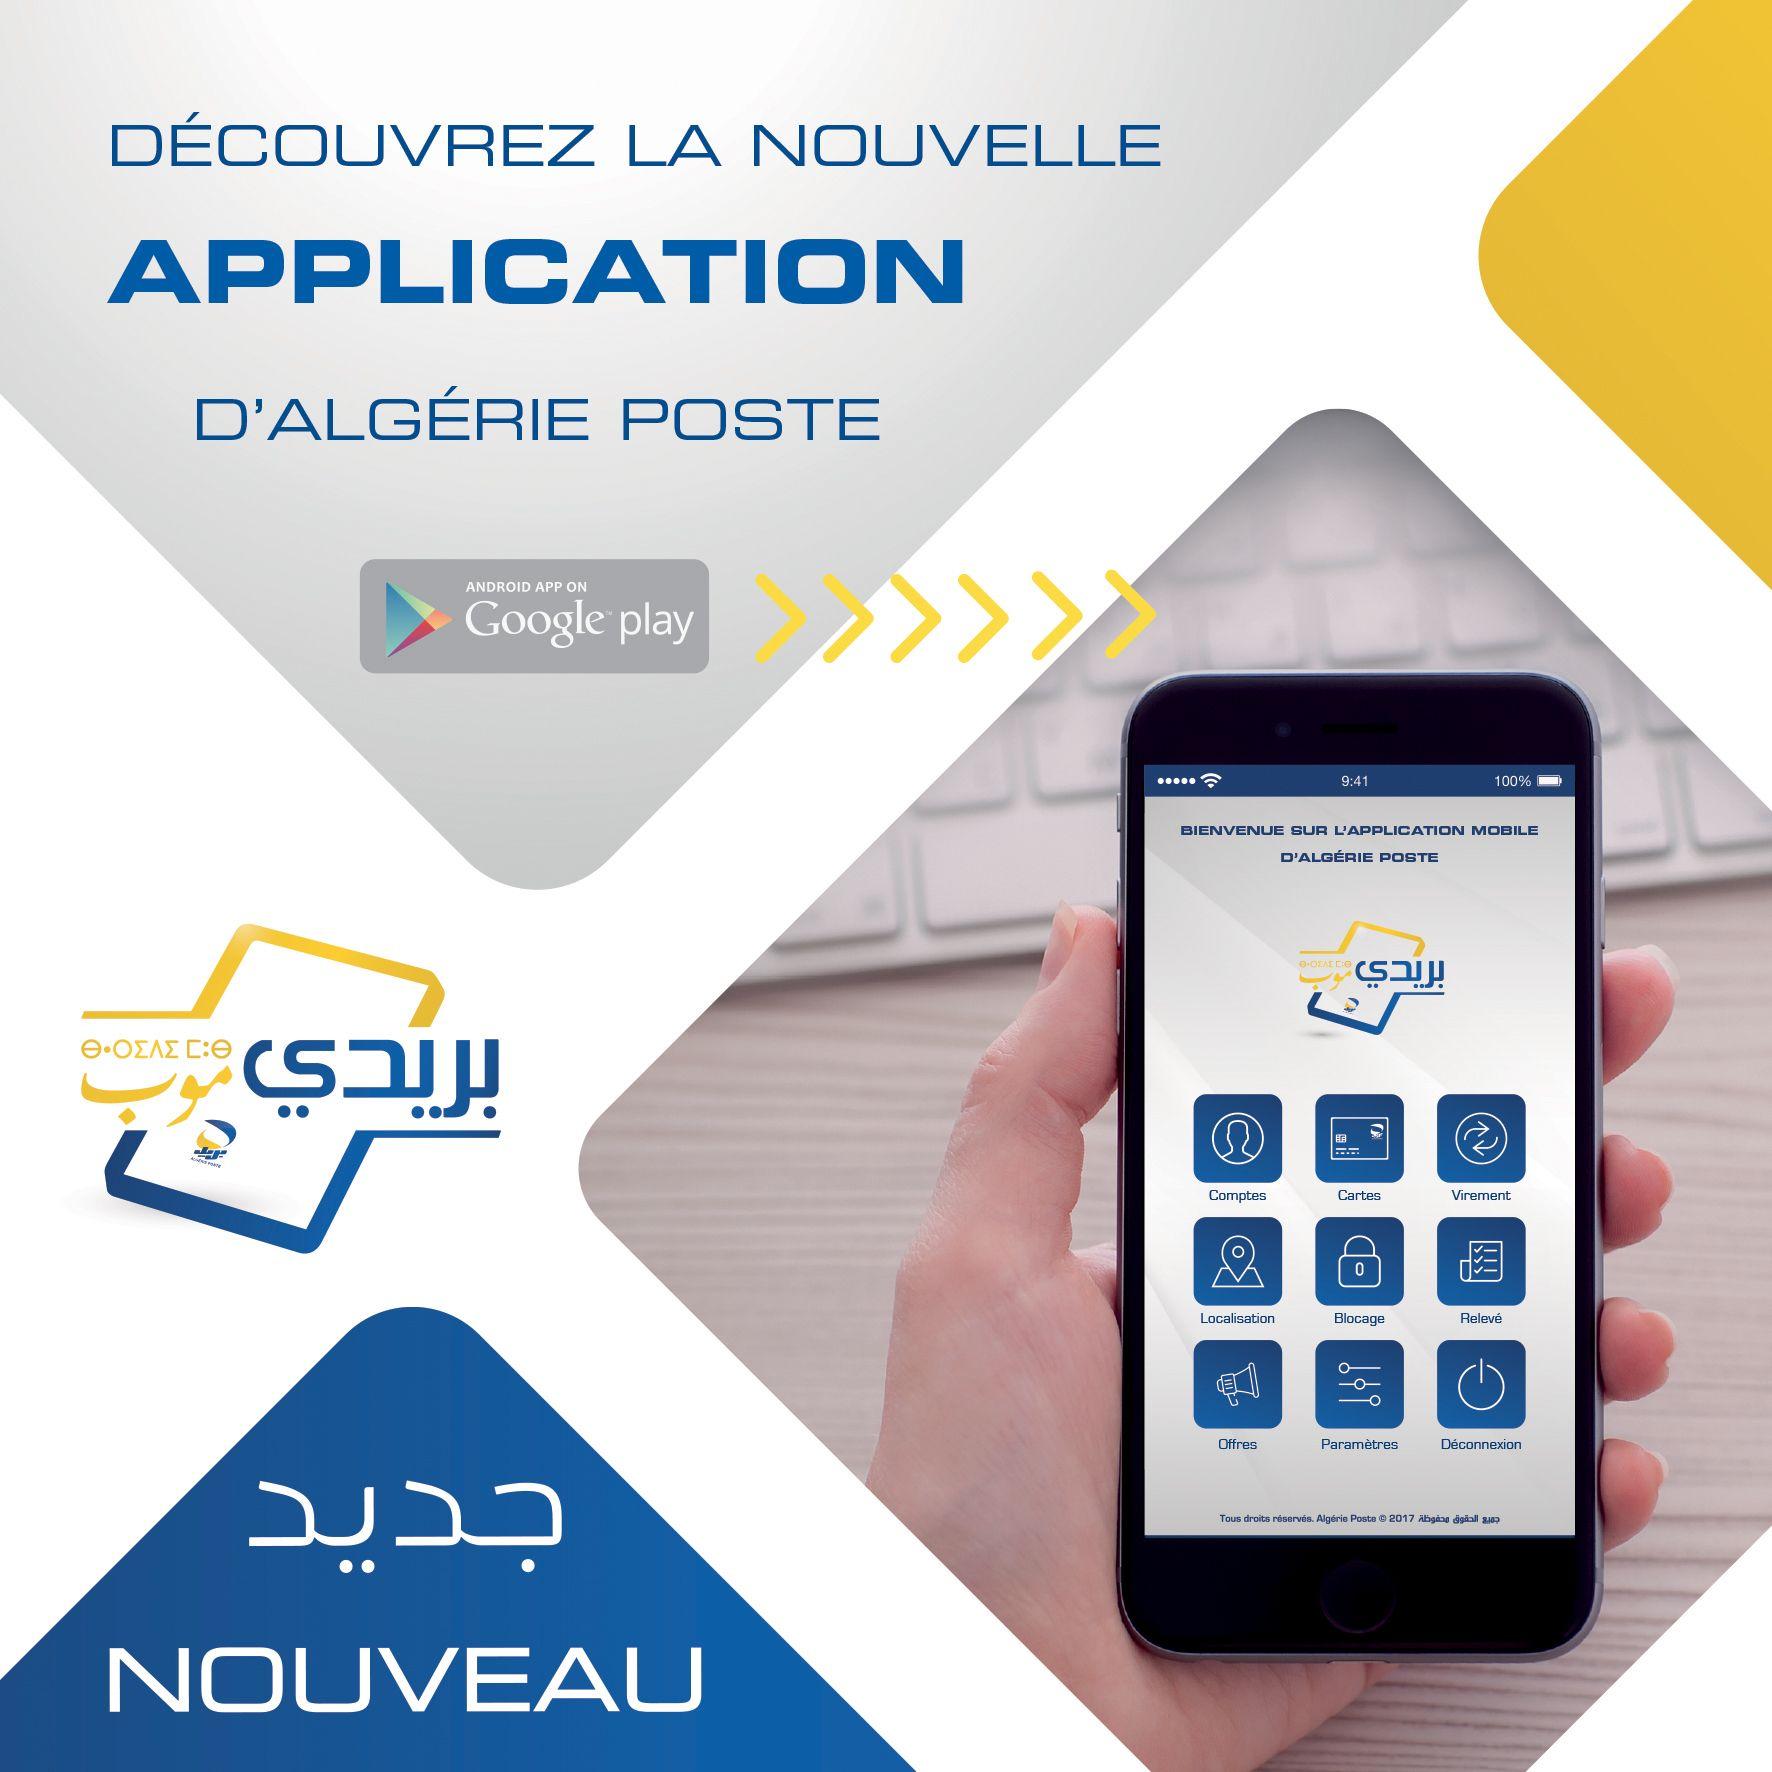 Decouvrez Des A Present Notre Nouvelle Application Mobile Sur Www Poste Dz Phone Electronic Products Electronics